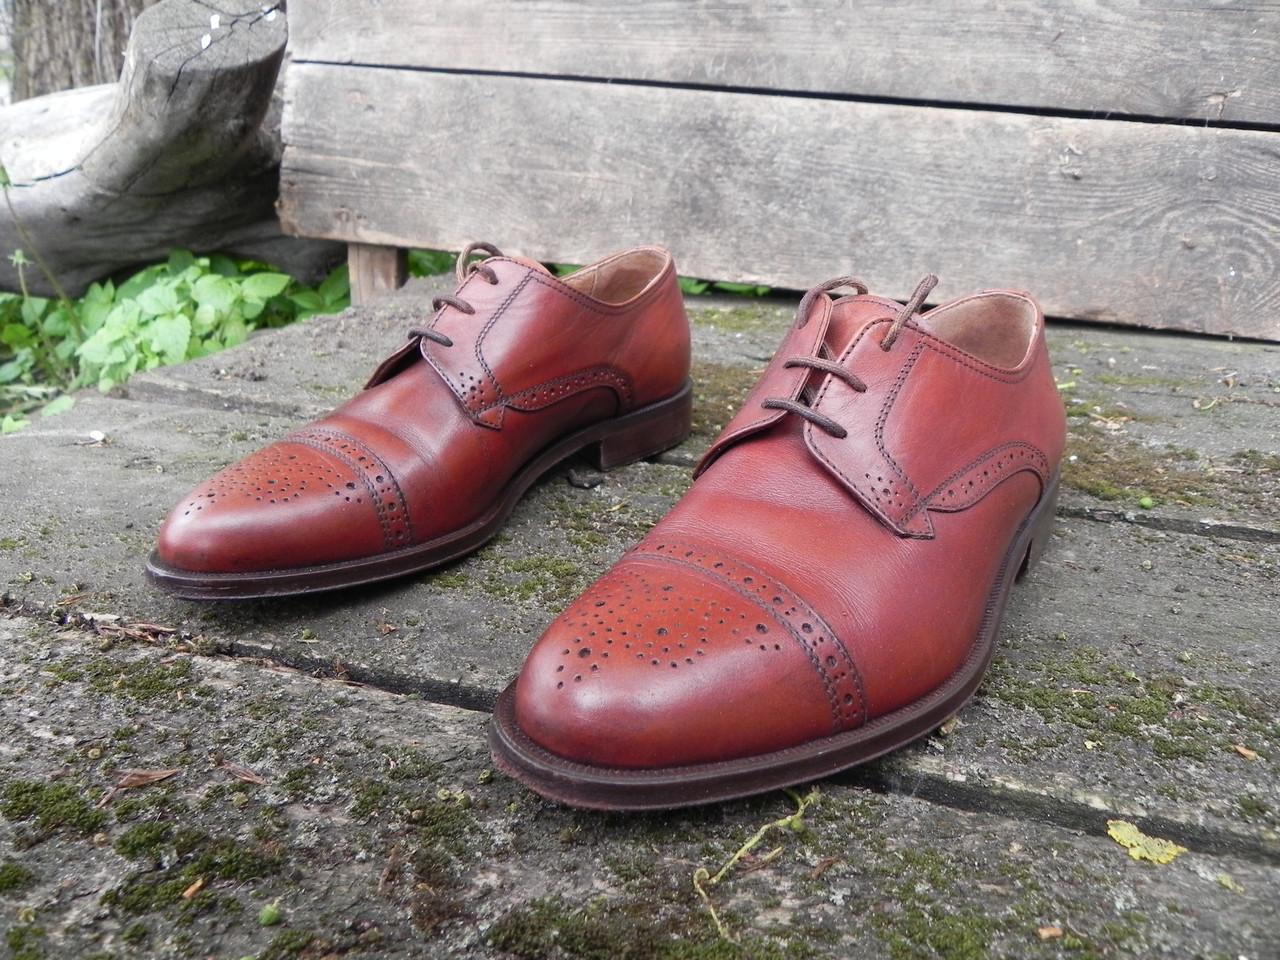 0afeffe7a Мужские туфли недорого в Украине Triver Flight, 25 см, 40 размер. Код: